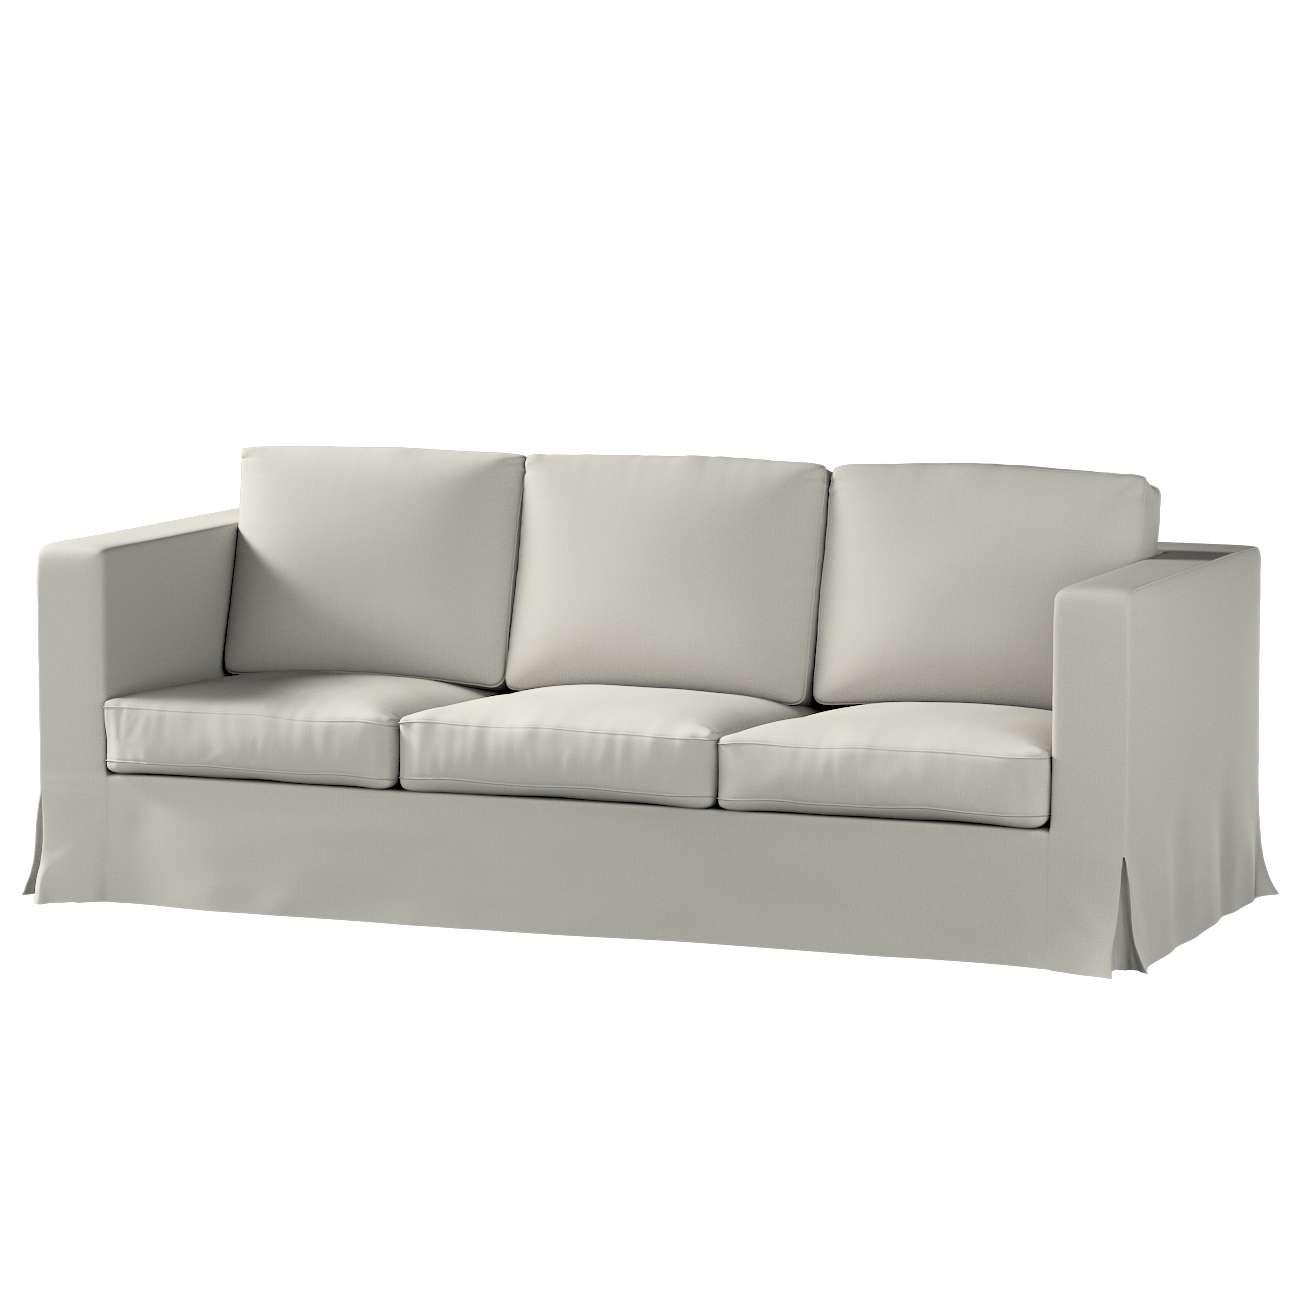 Pokrowiec na sofę Karlanda 3-osobową nierozkładaną, długi w kolekcji Living, tkanina: 161-54